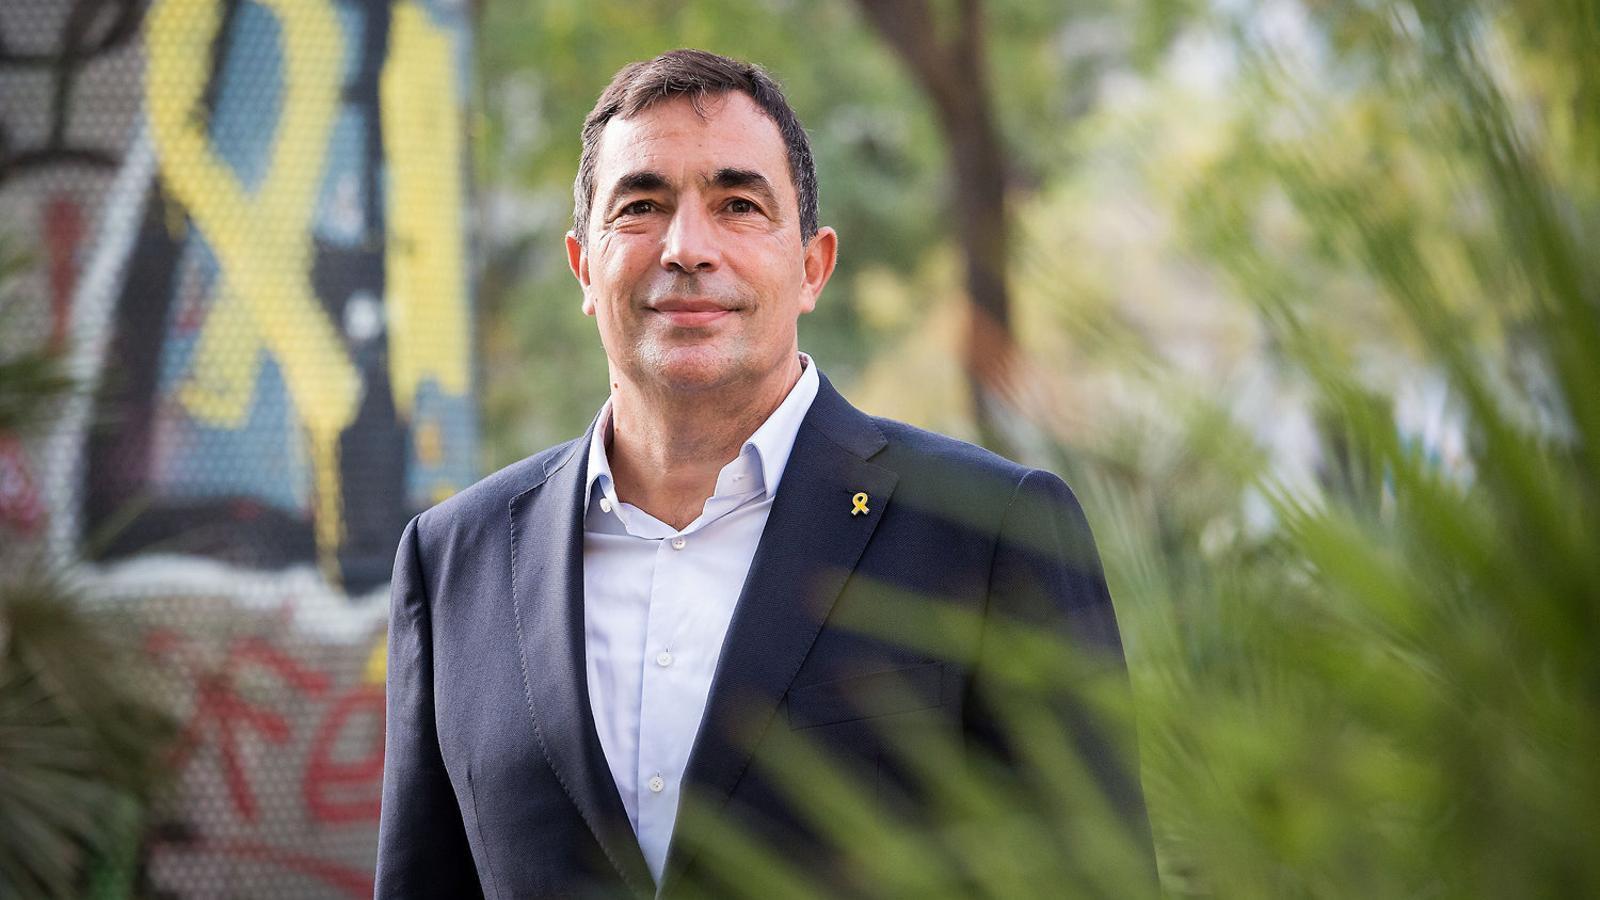 """Pere Soler: """"Em vaig enfadar molt amb el pla de Trapero per detenir el Govern"""""""